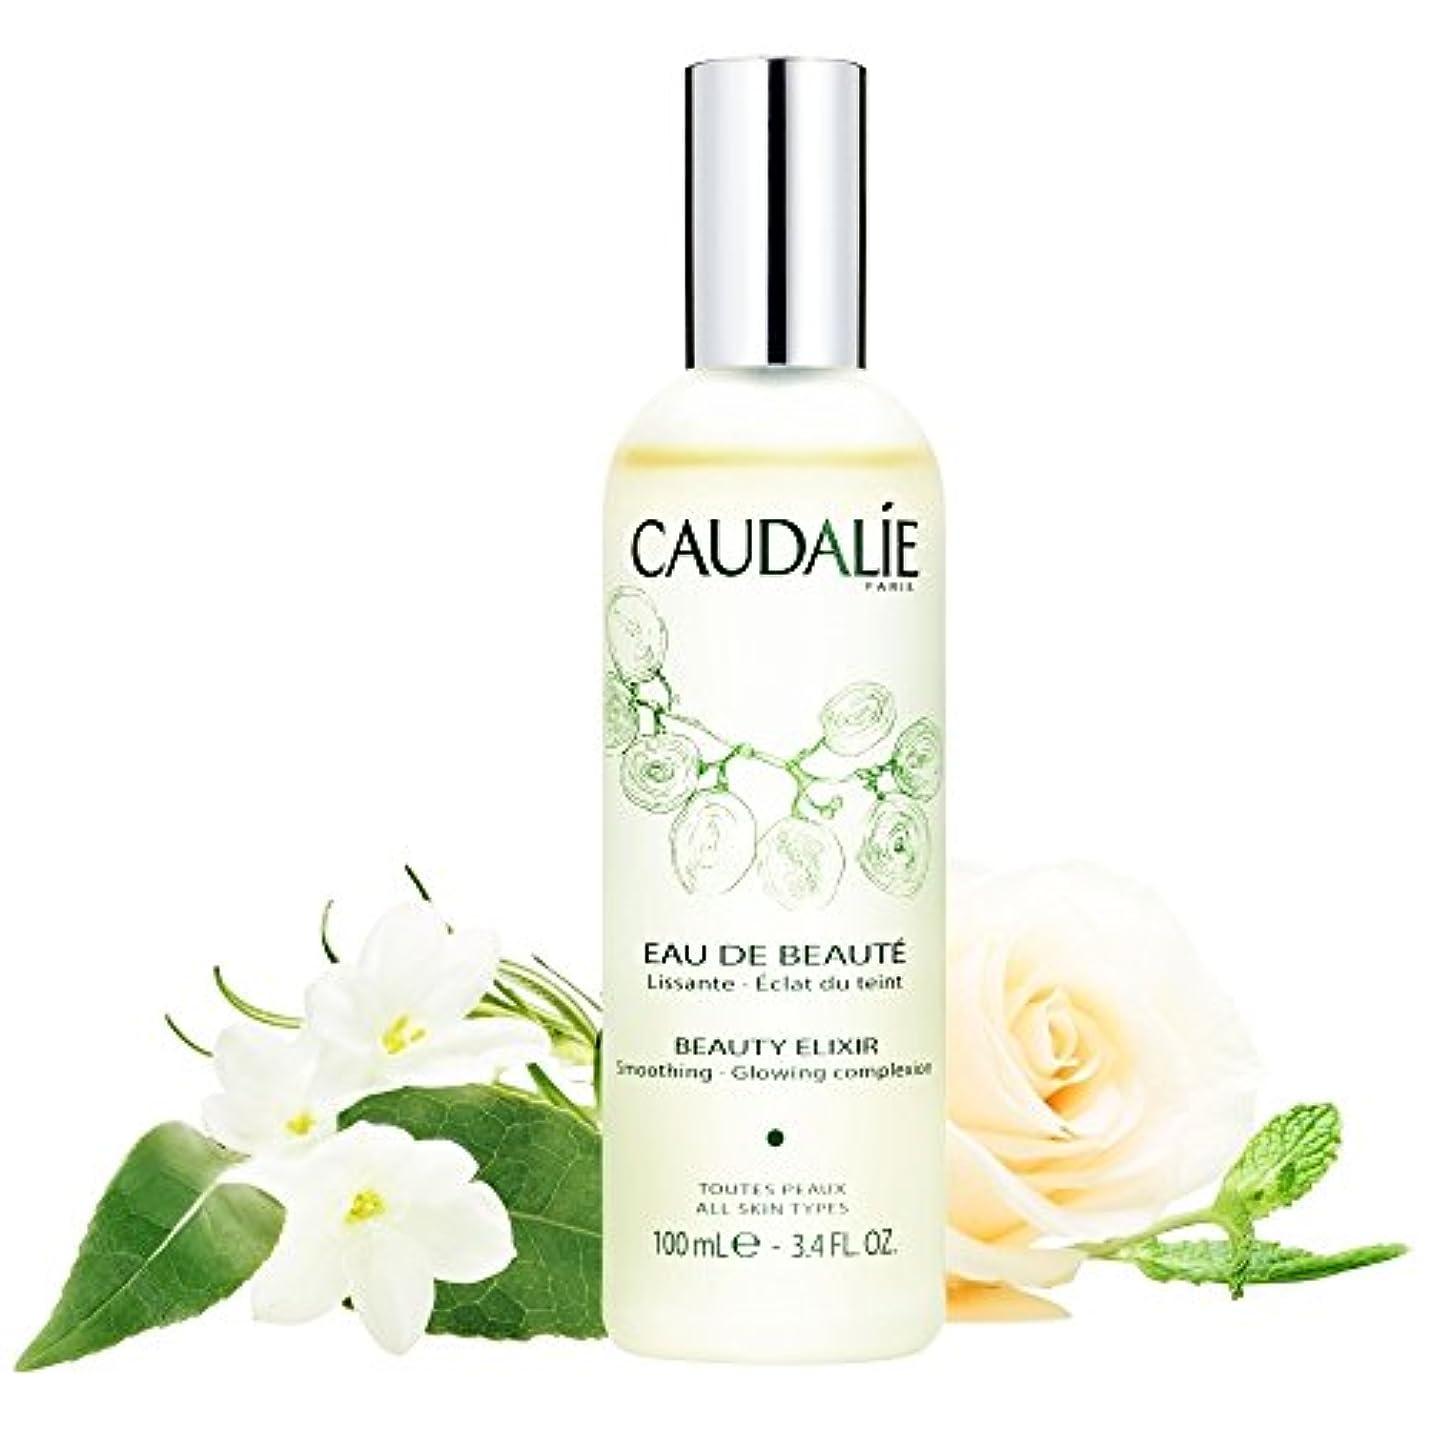 首尾一貫した建築思春期のコーダリー美容エリキシル、100ミリリットル (Caudalie) (x6) - Caudalie Beauty Elixir, 100ml (Pack of 6) [並行輸入品]